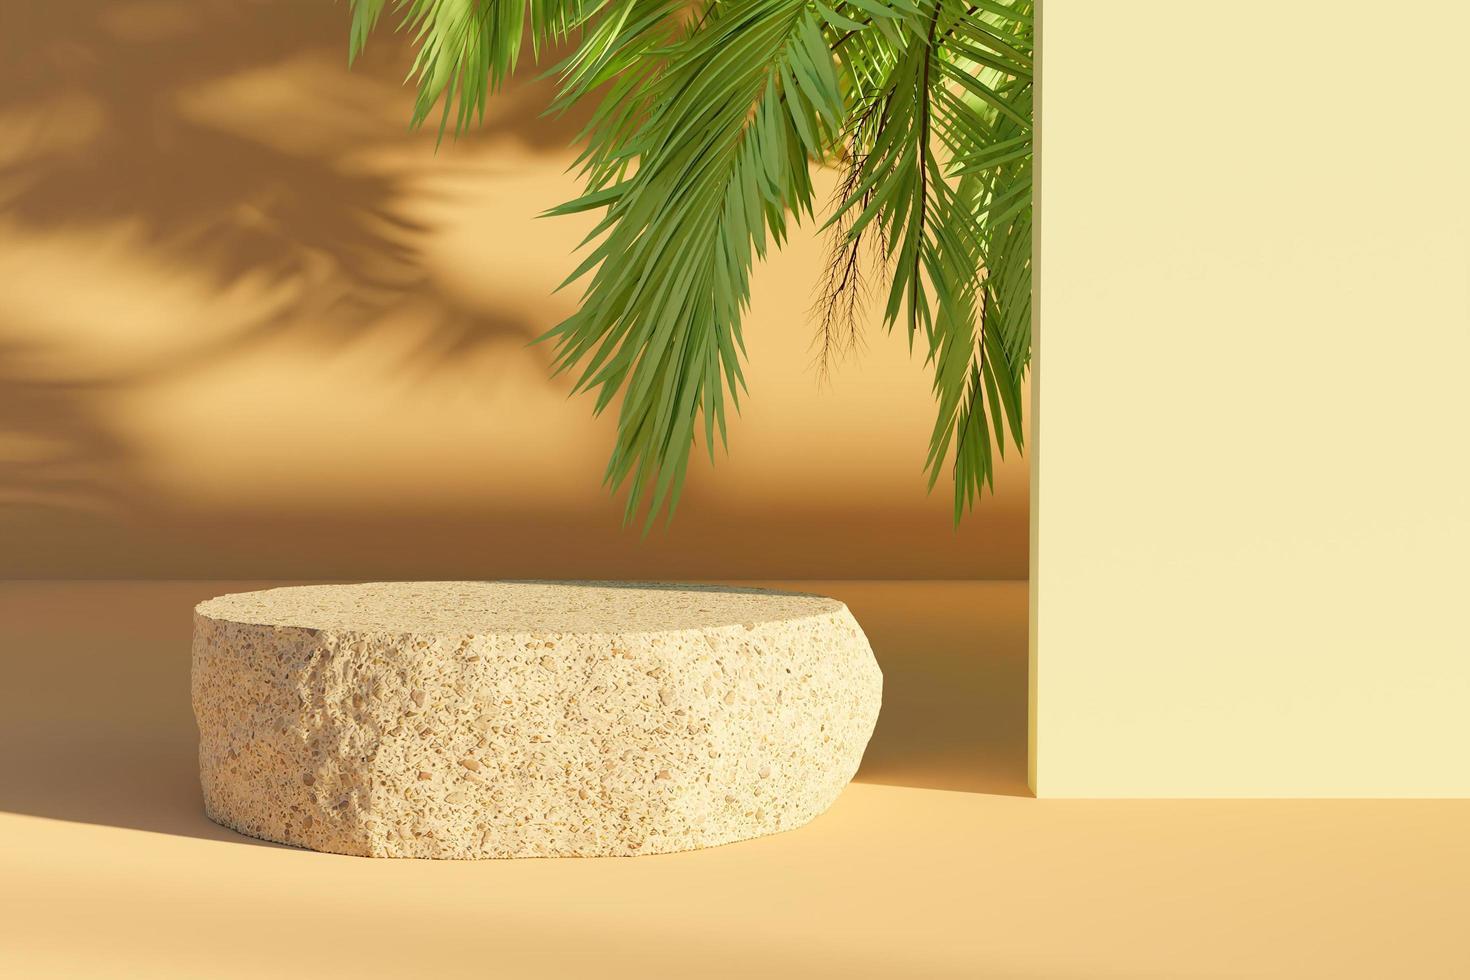 roca aplanada para la presentación del producto con hojas de palmera asomando y haciendo sombras, renderizado 3d foto